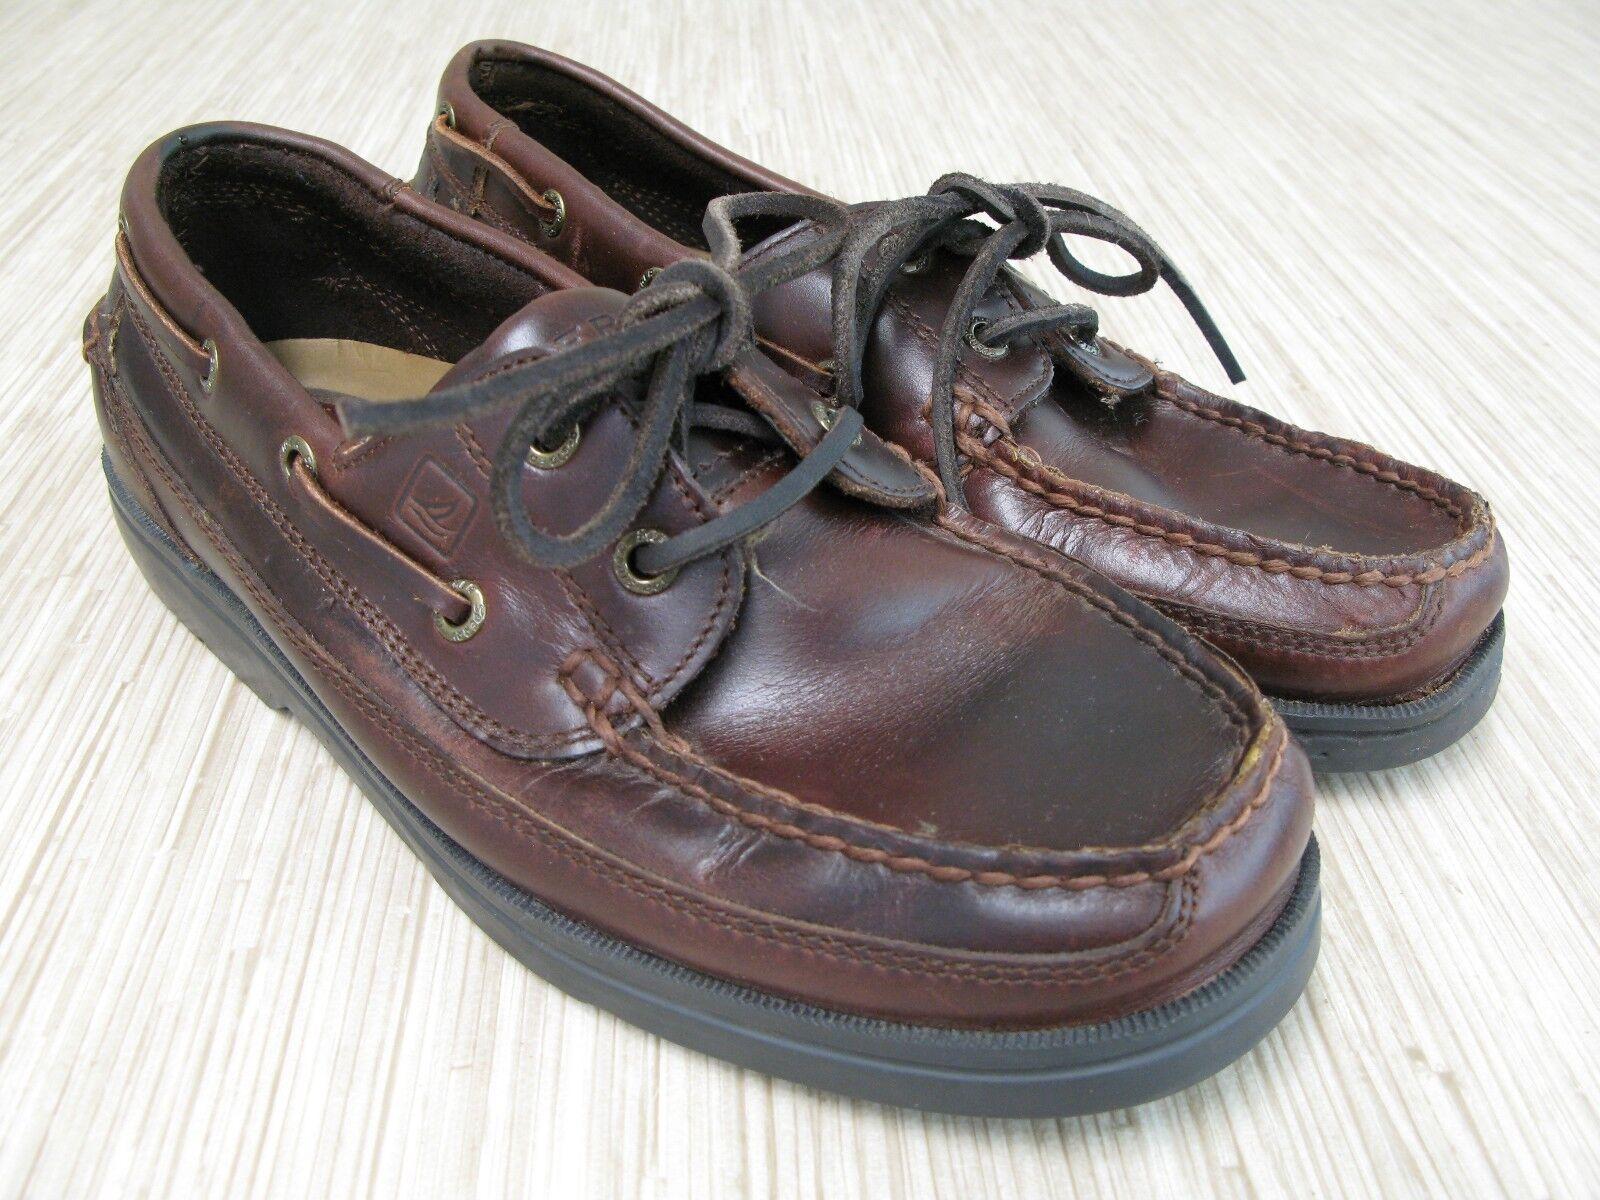 servizio onesto Sperry Top Sider Sider Sider Classic Collection Uomo Dimensione 8 M Marrone Leather 2-Eye Boat scarpe  vendita all'ingrosso